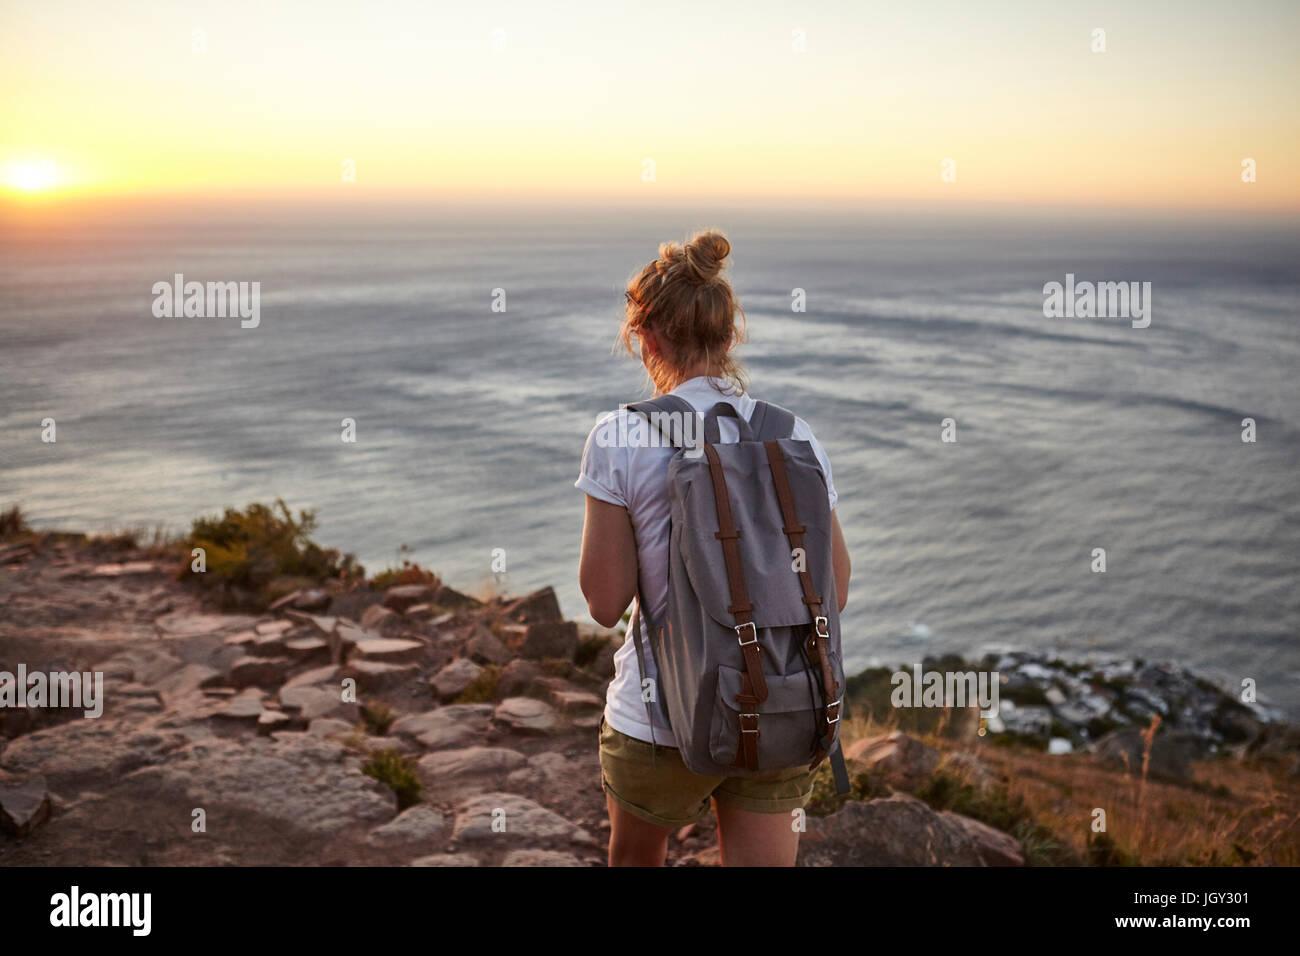 Giovane donna escursionismo, vista posteriore, Lions Head Mountain, Western Cape, Cape Town, Sud Africa Immagini Stock